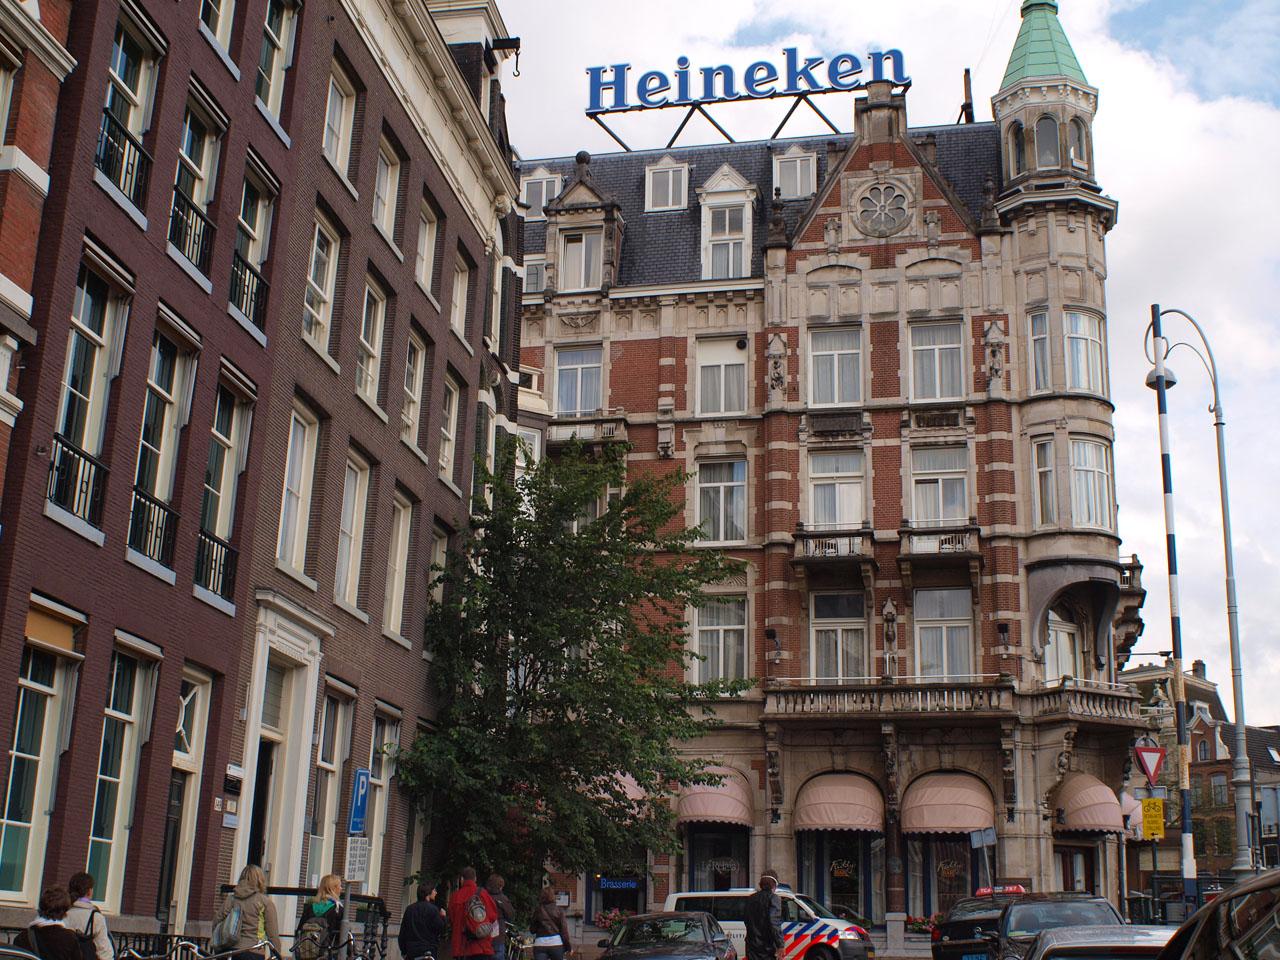 アムステルダム回想_b0148617_2115683.jpg